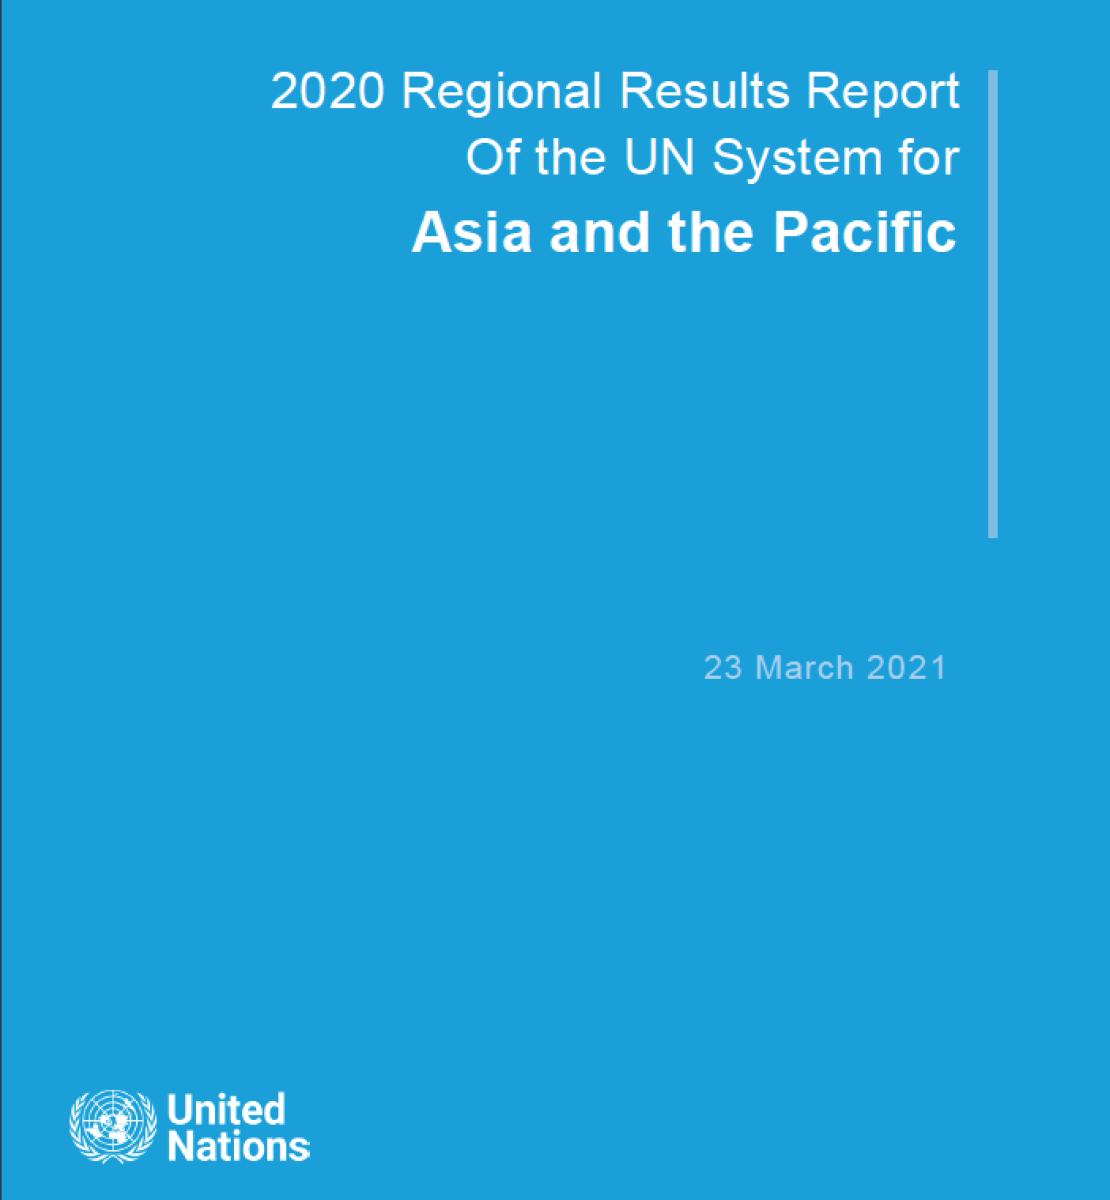 La cubierta azul muestra el título en letras blancas en la parte superior derecha y el emblema de la ONU en la parte inferior izquierda.